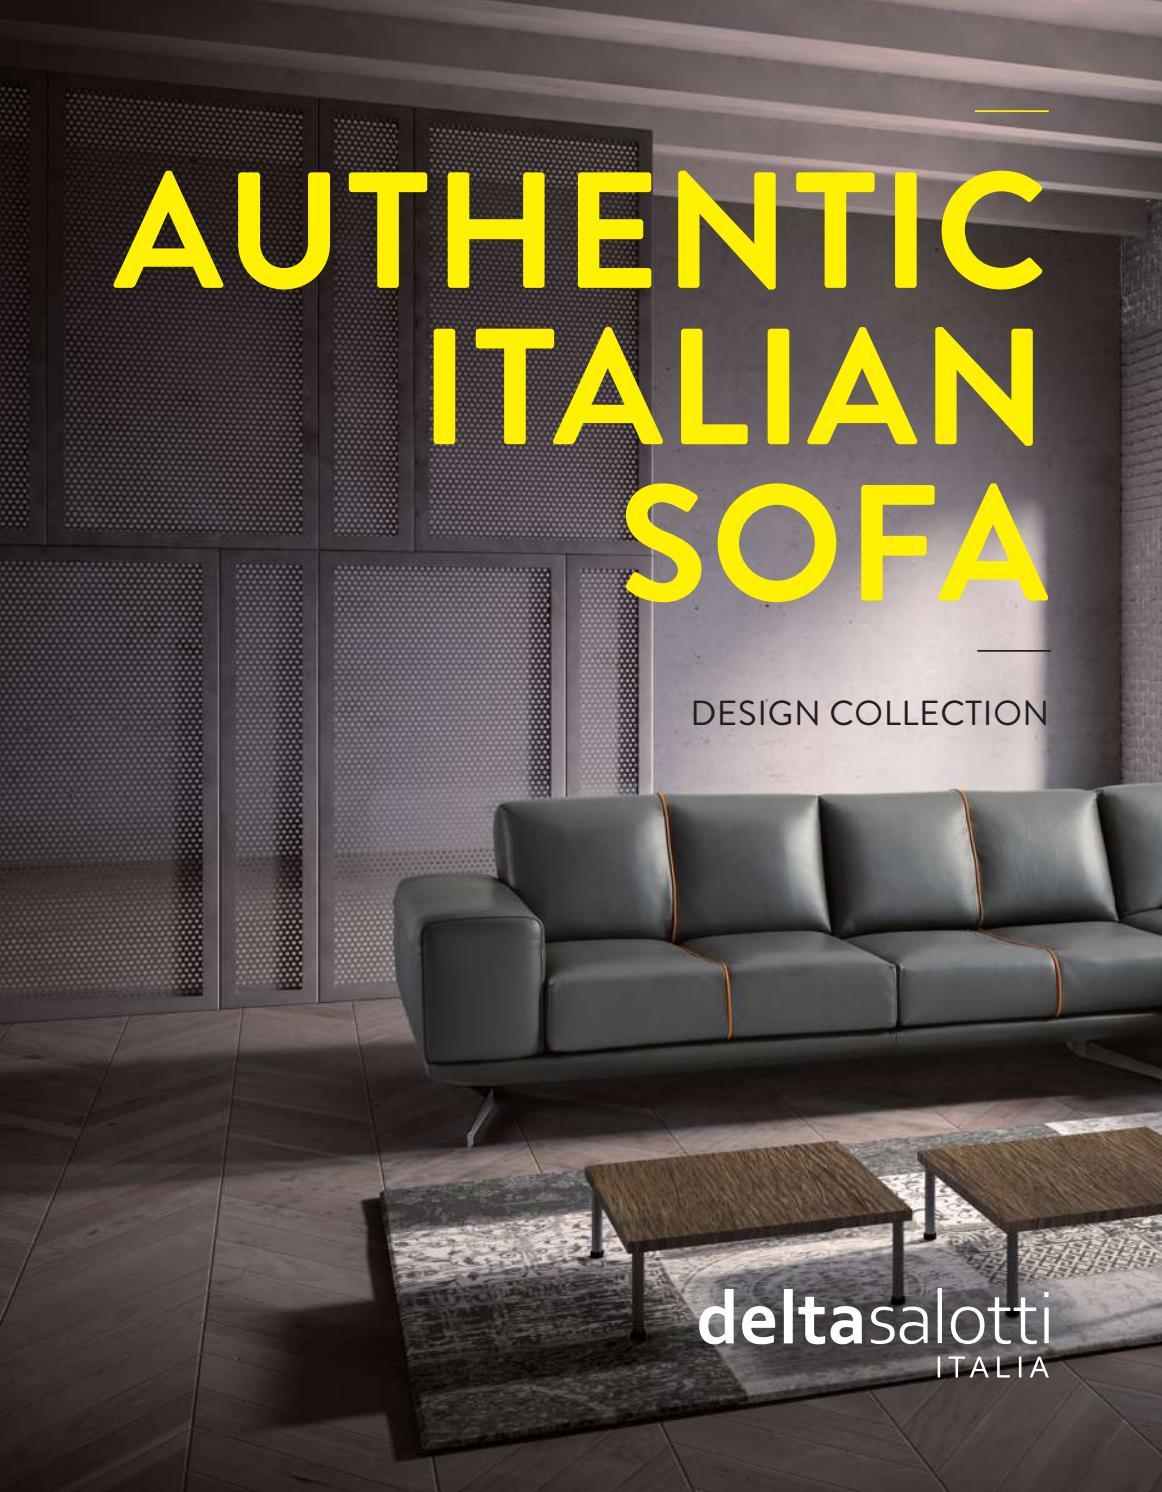 Delta Salotti Opinioni.Delta Salotti Catalogue 2015 By Dexterton Issuu